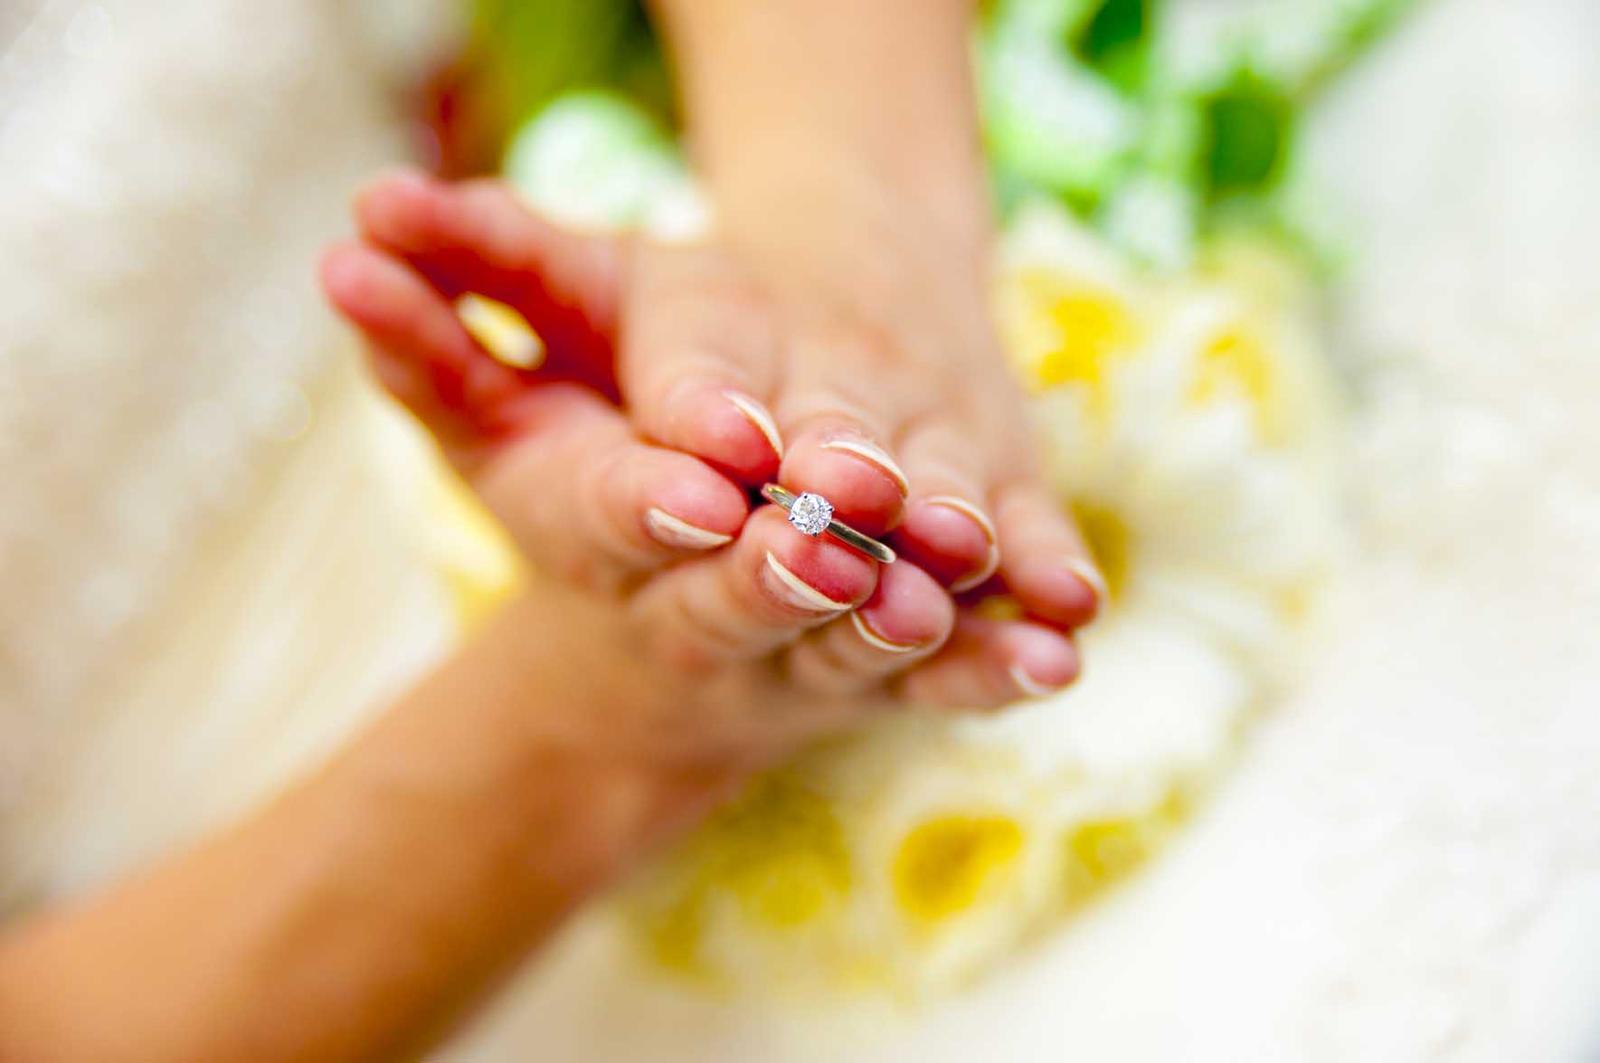 Wedding photo ideas - Obrázok č. 89